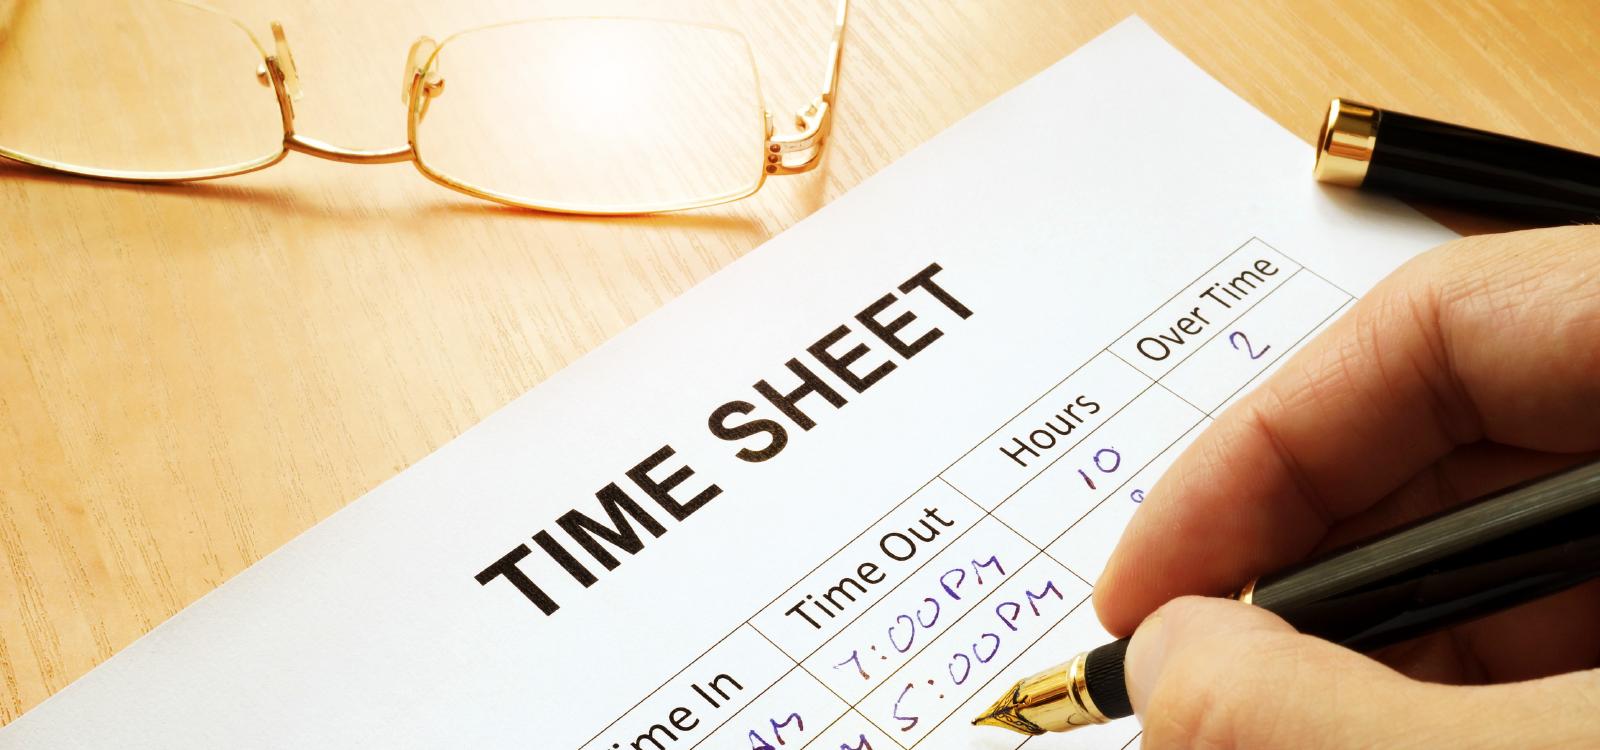 Warren Averett DCAA Timesheet Compliance Image